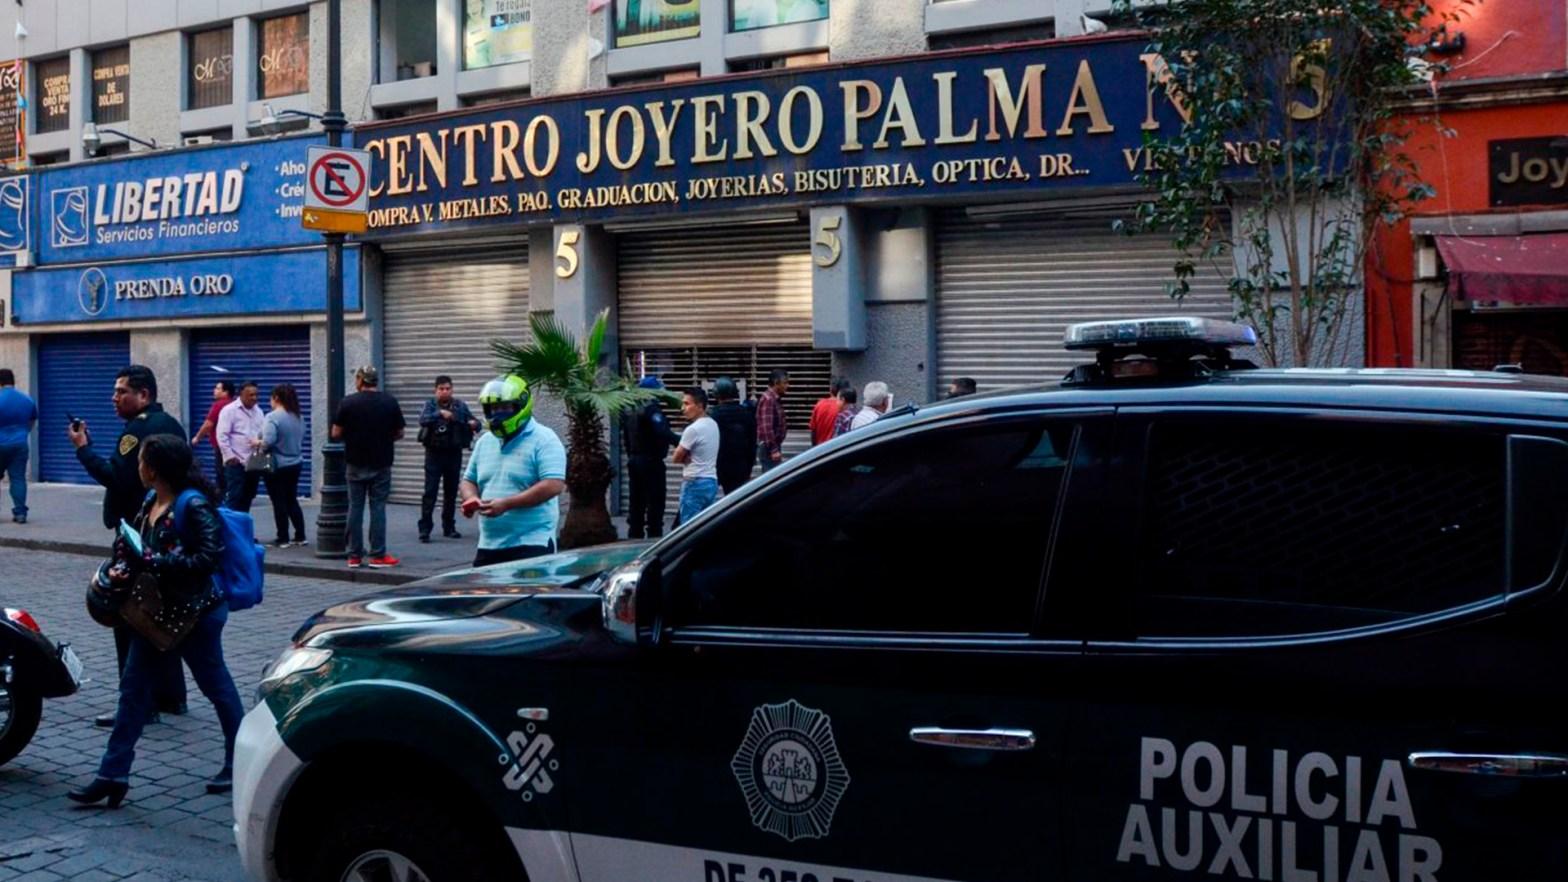 elementos policiales en el centro histórico